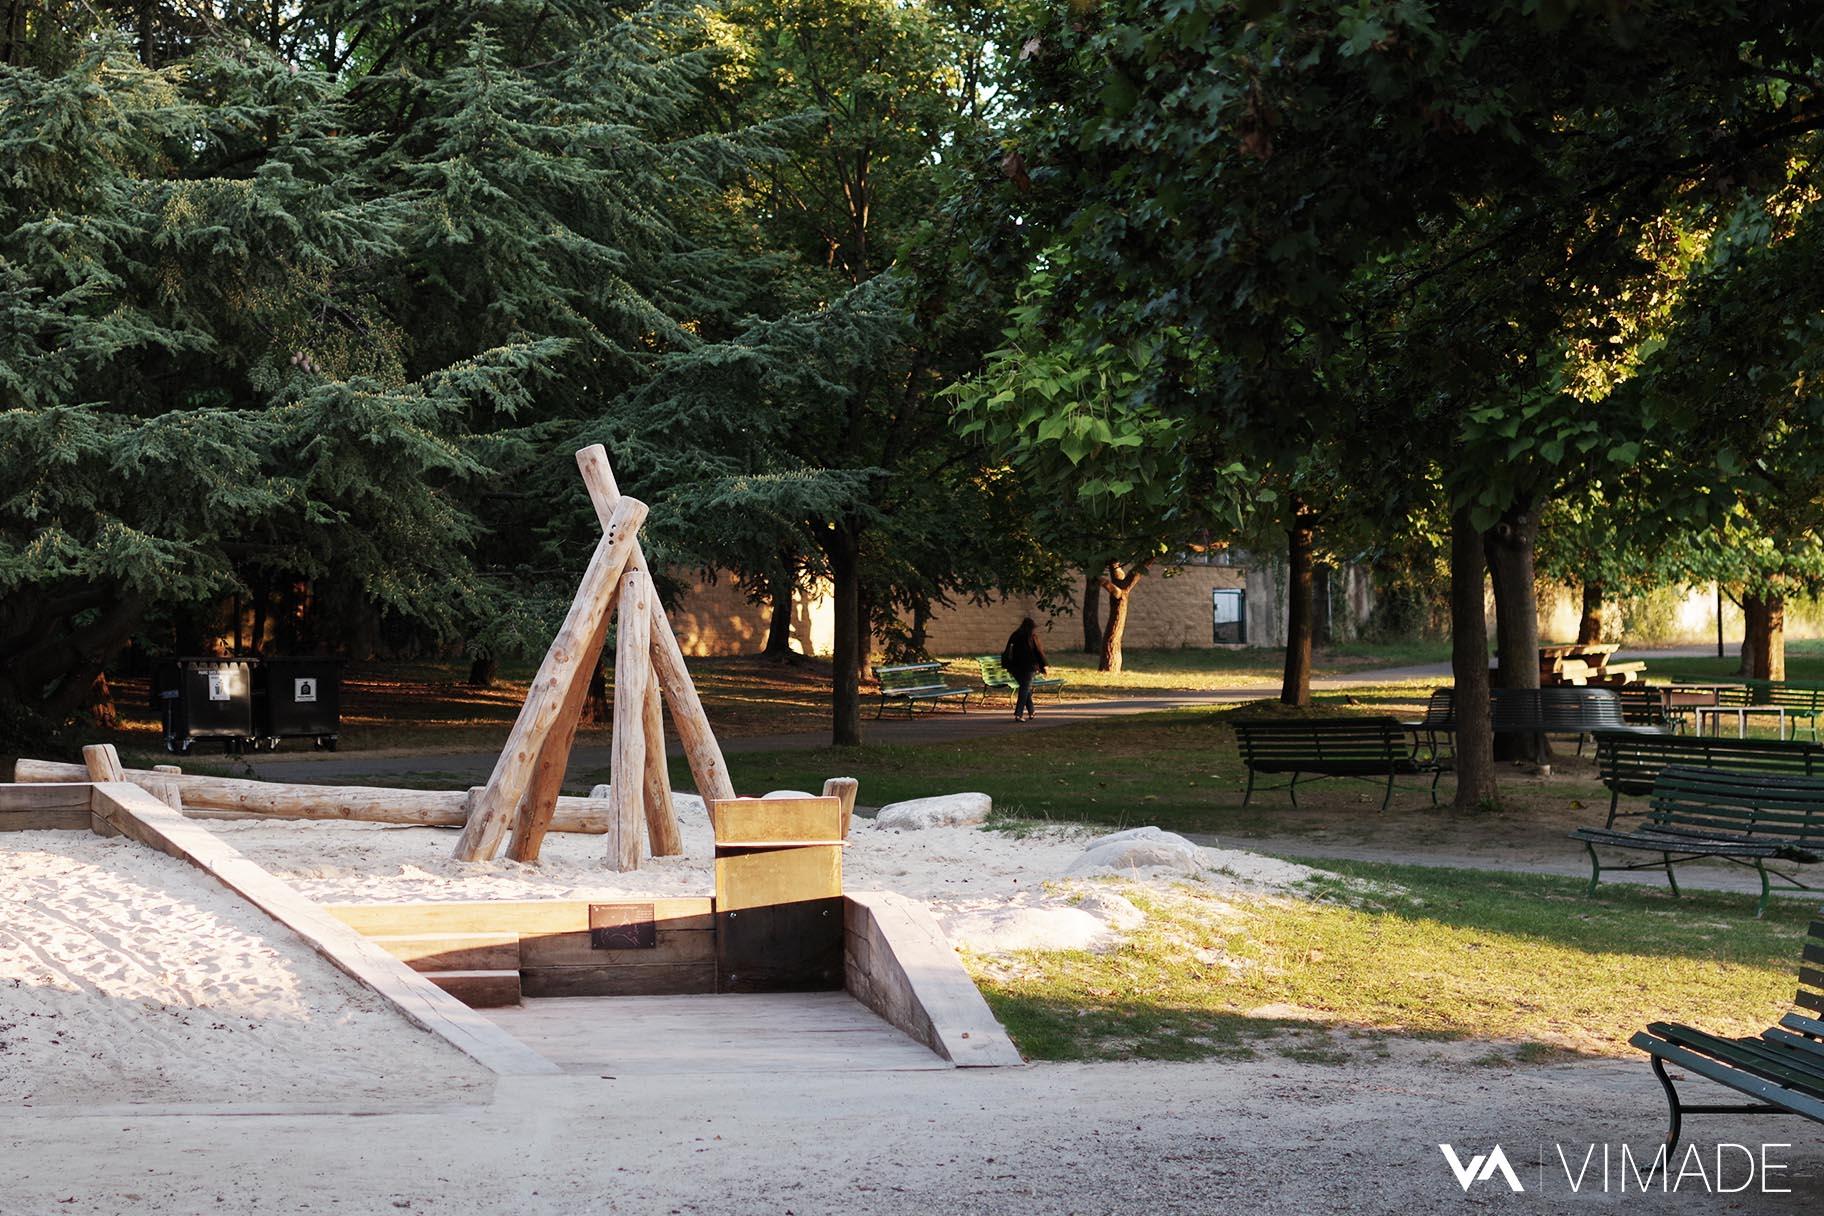 bac-sable-place-jeux-enfant-PMR-corten-table-parc-franchises-geneve-vimade-architecte-paysagiste